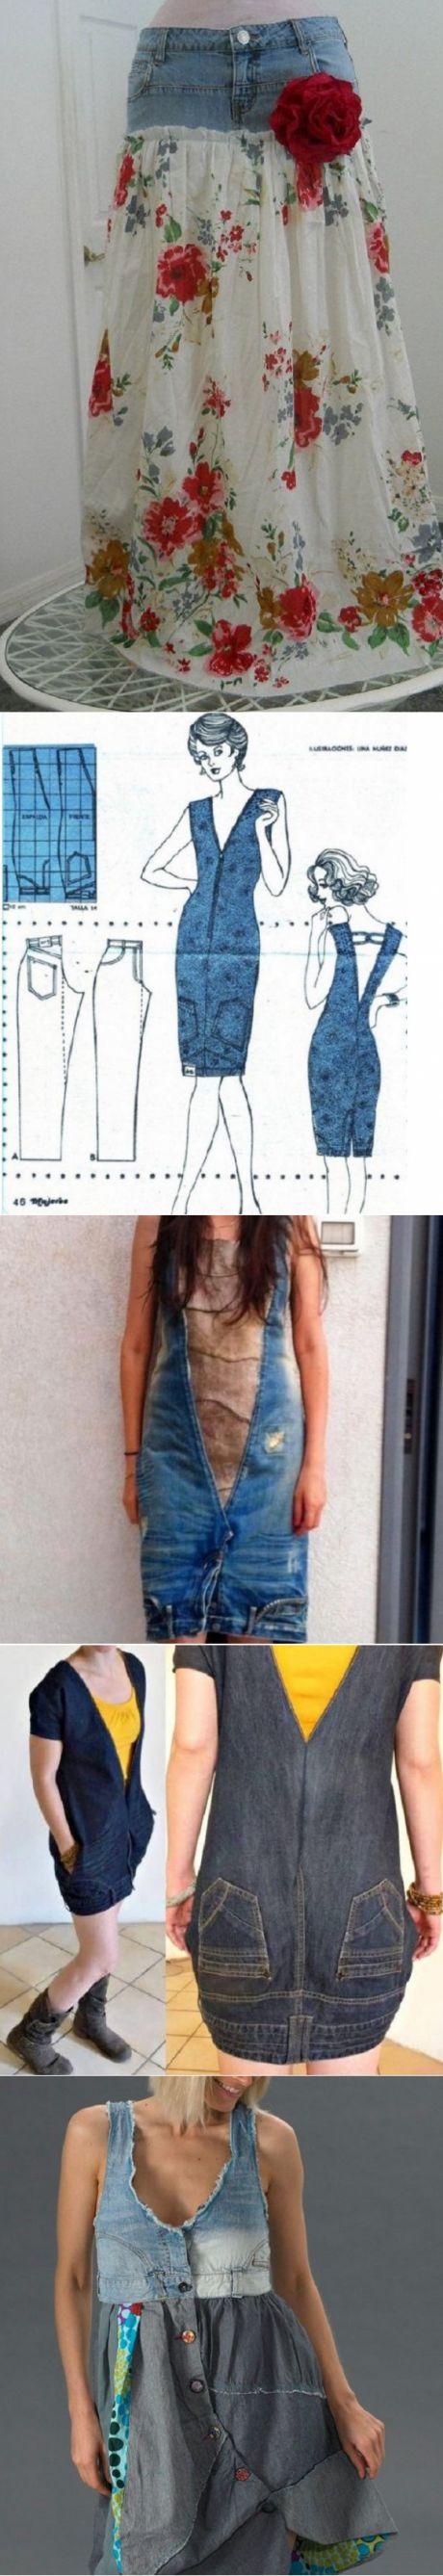 Специально отыскала старые джинсы-варенки, чтобы сделать эту вещь! За 15 минут справилась